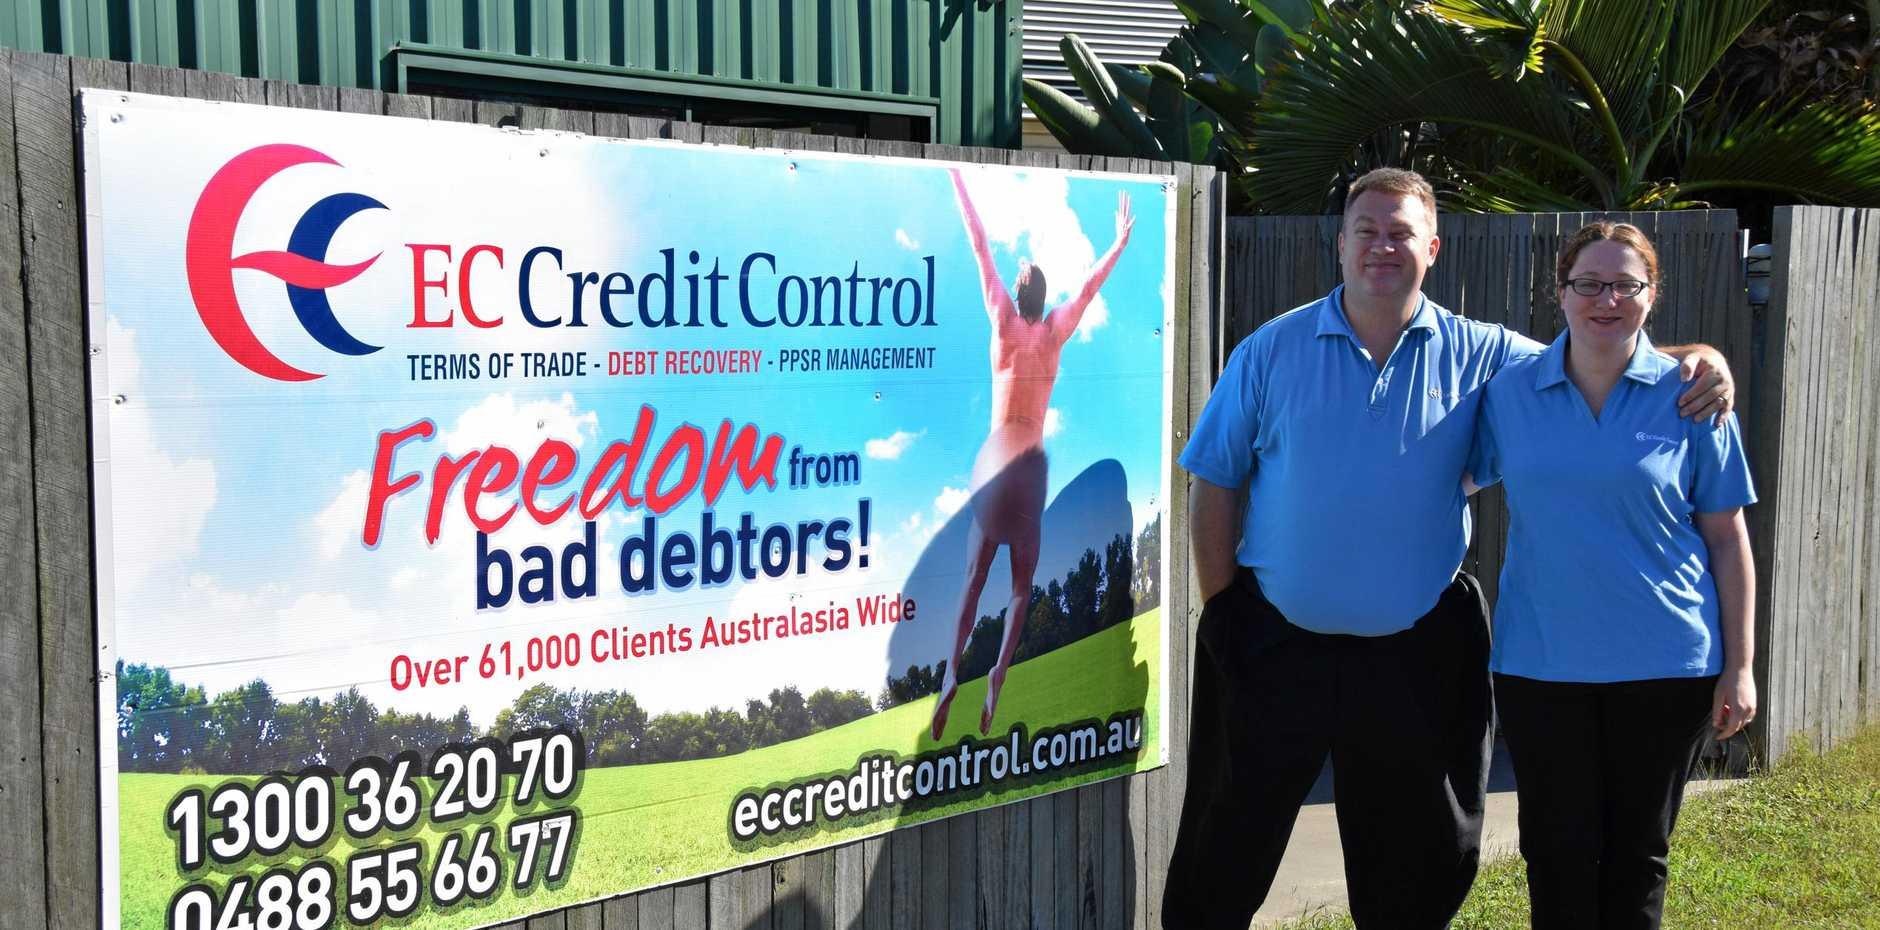 CREDIT CONTROL: Area Manager for Ec Credit Control Rockhampton Craig Carrington and personal assistant Megan Hunt.